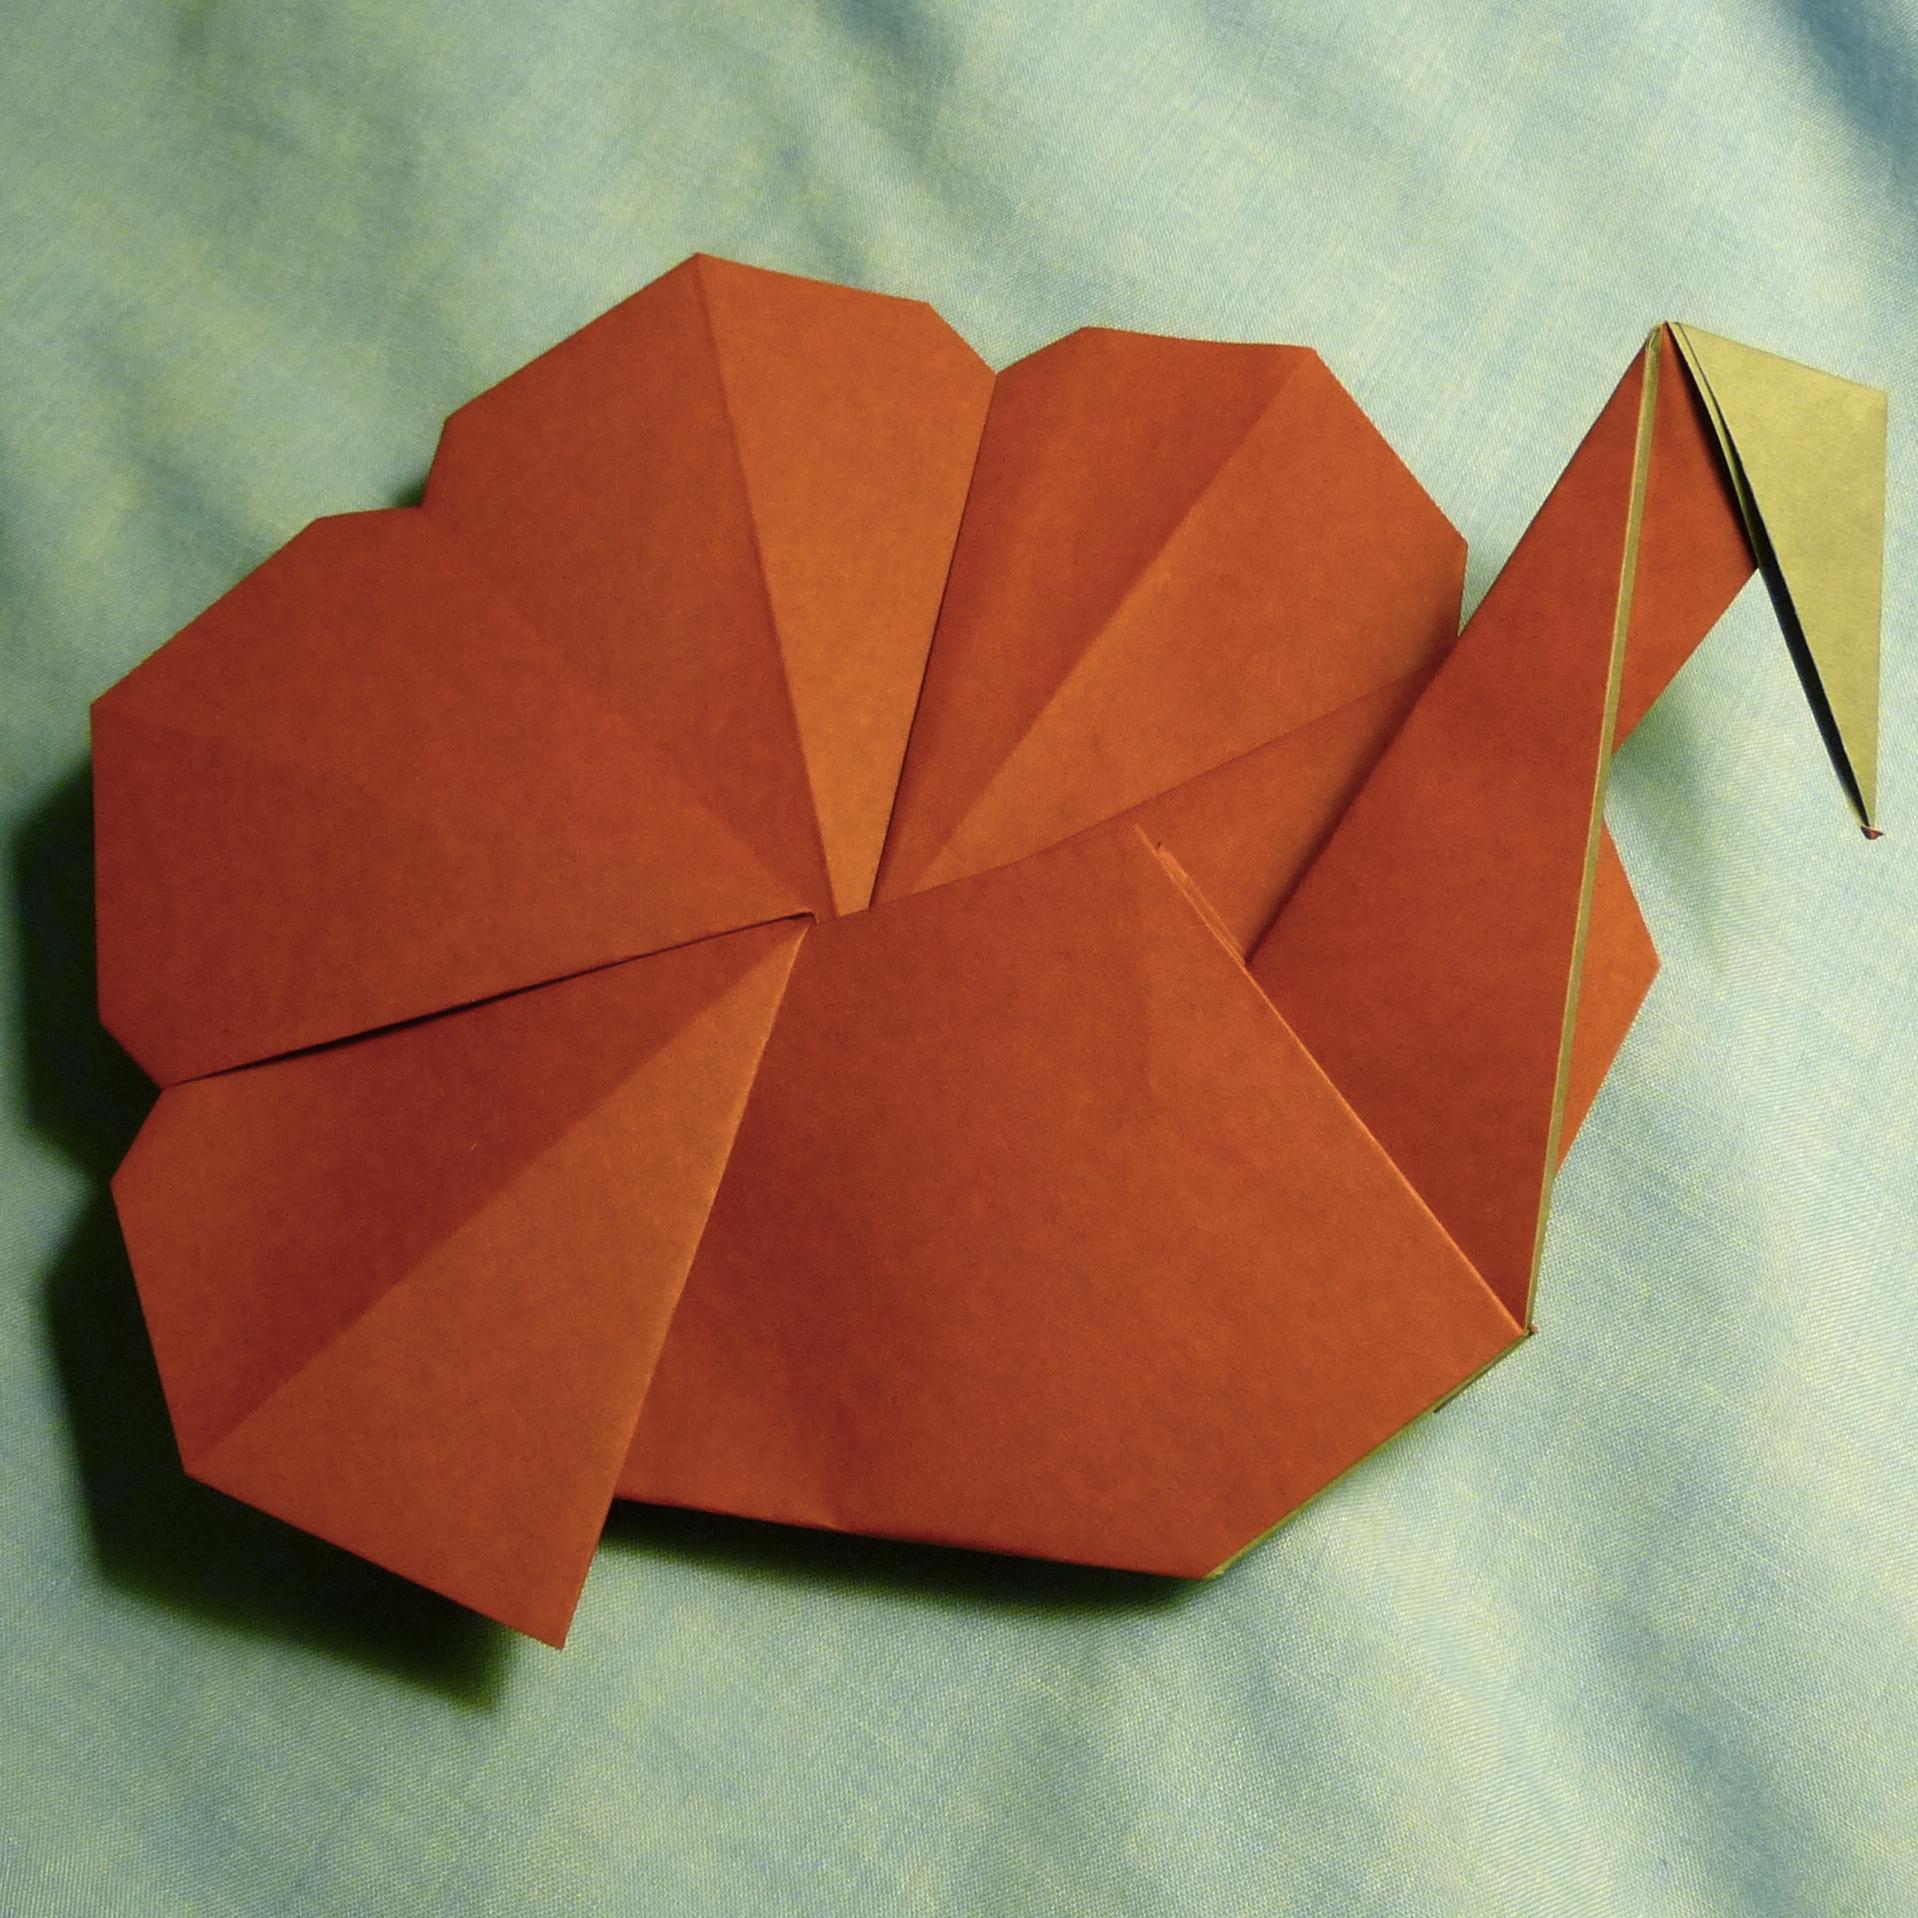 Origami turkey.